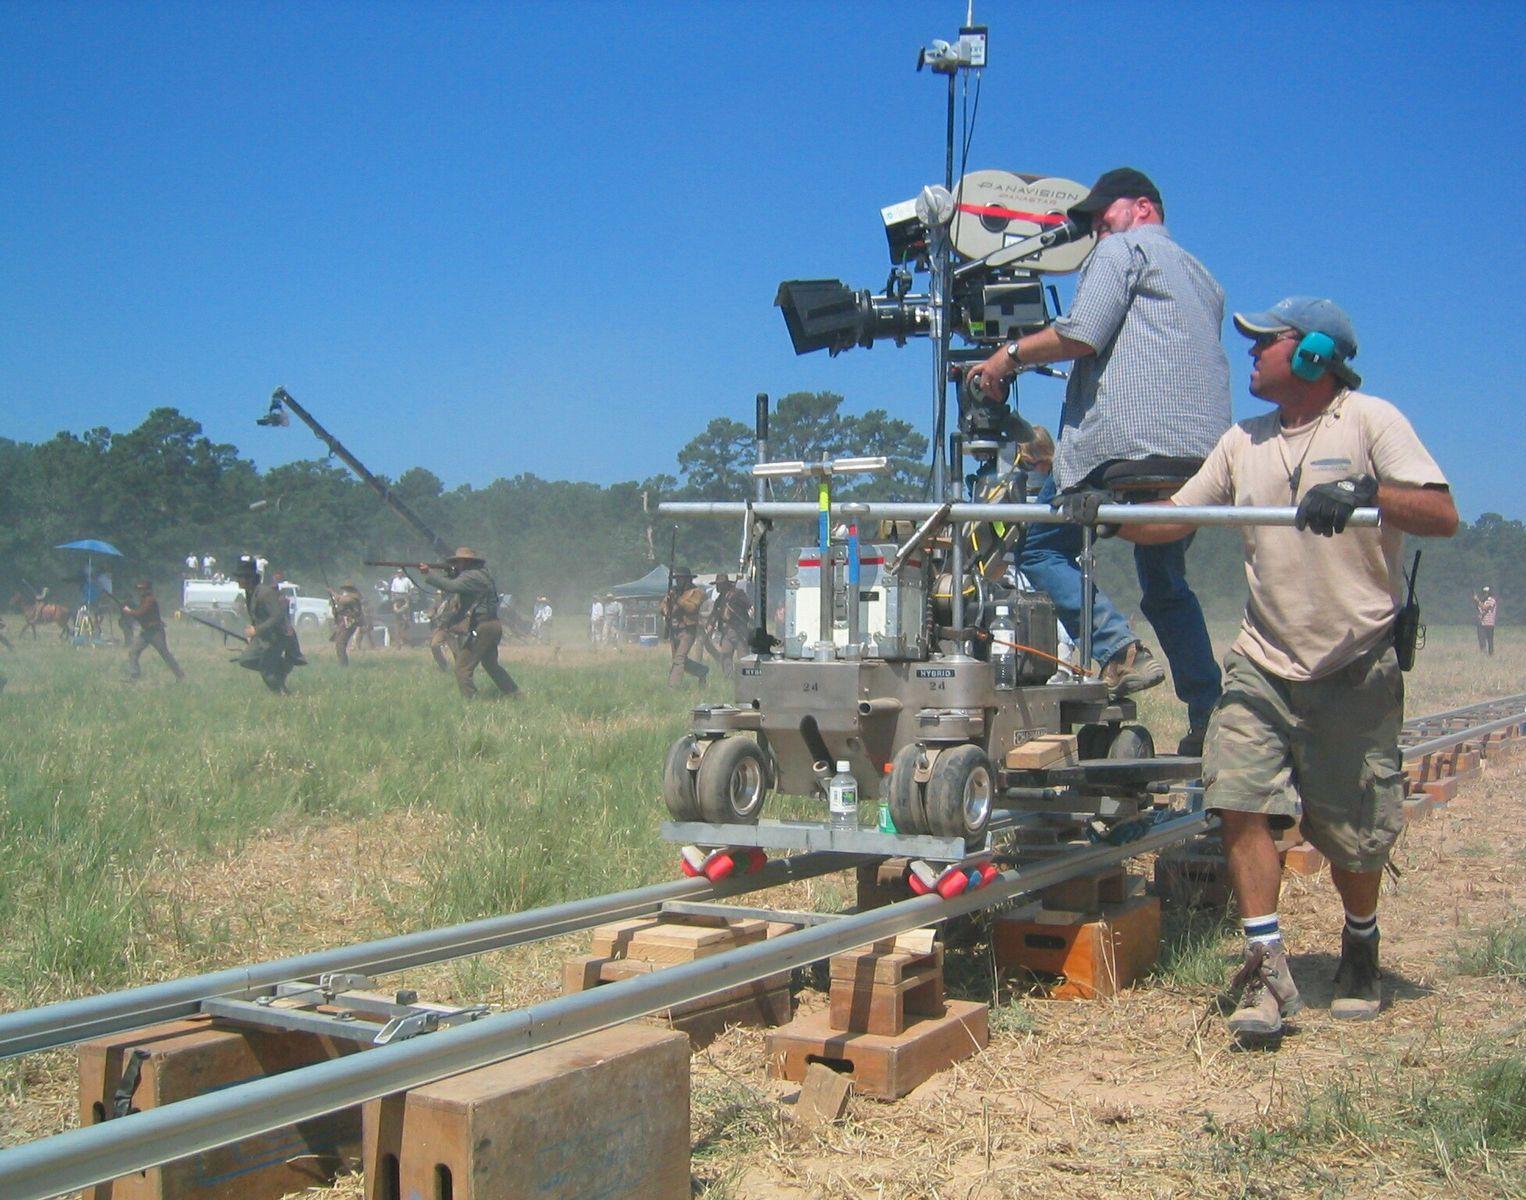 من هو الغريب – Grip؟ وما دوره بالتحديد في عالم صناعة الأفلام؟